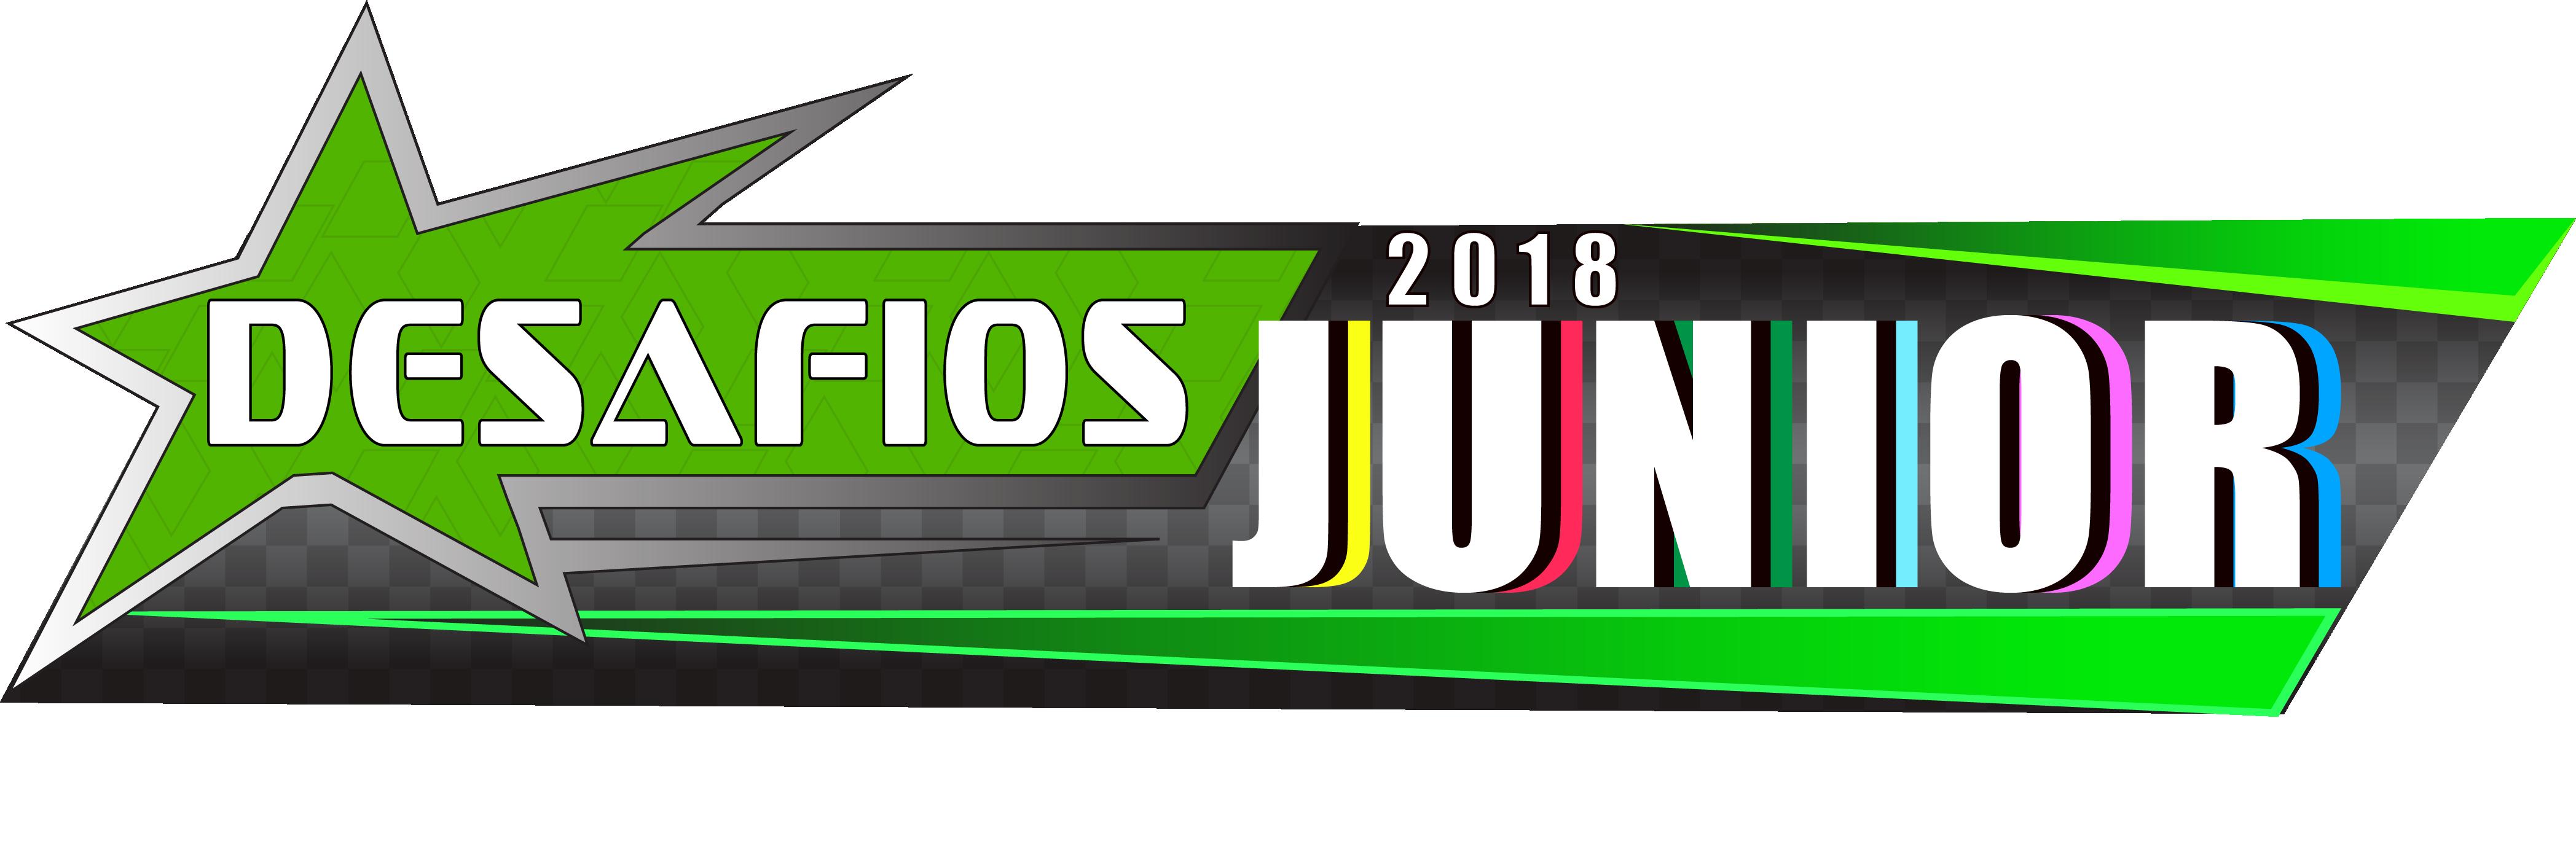 Logotipo 2 desafio individual junior 2018